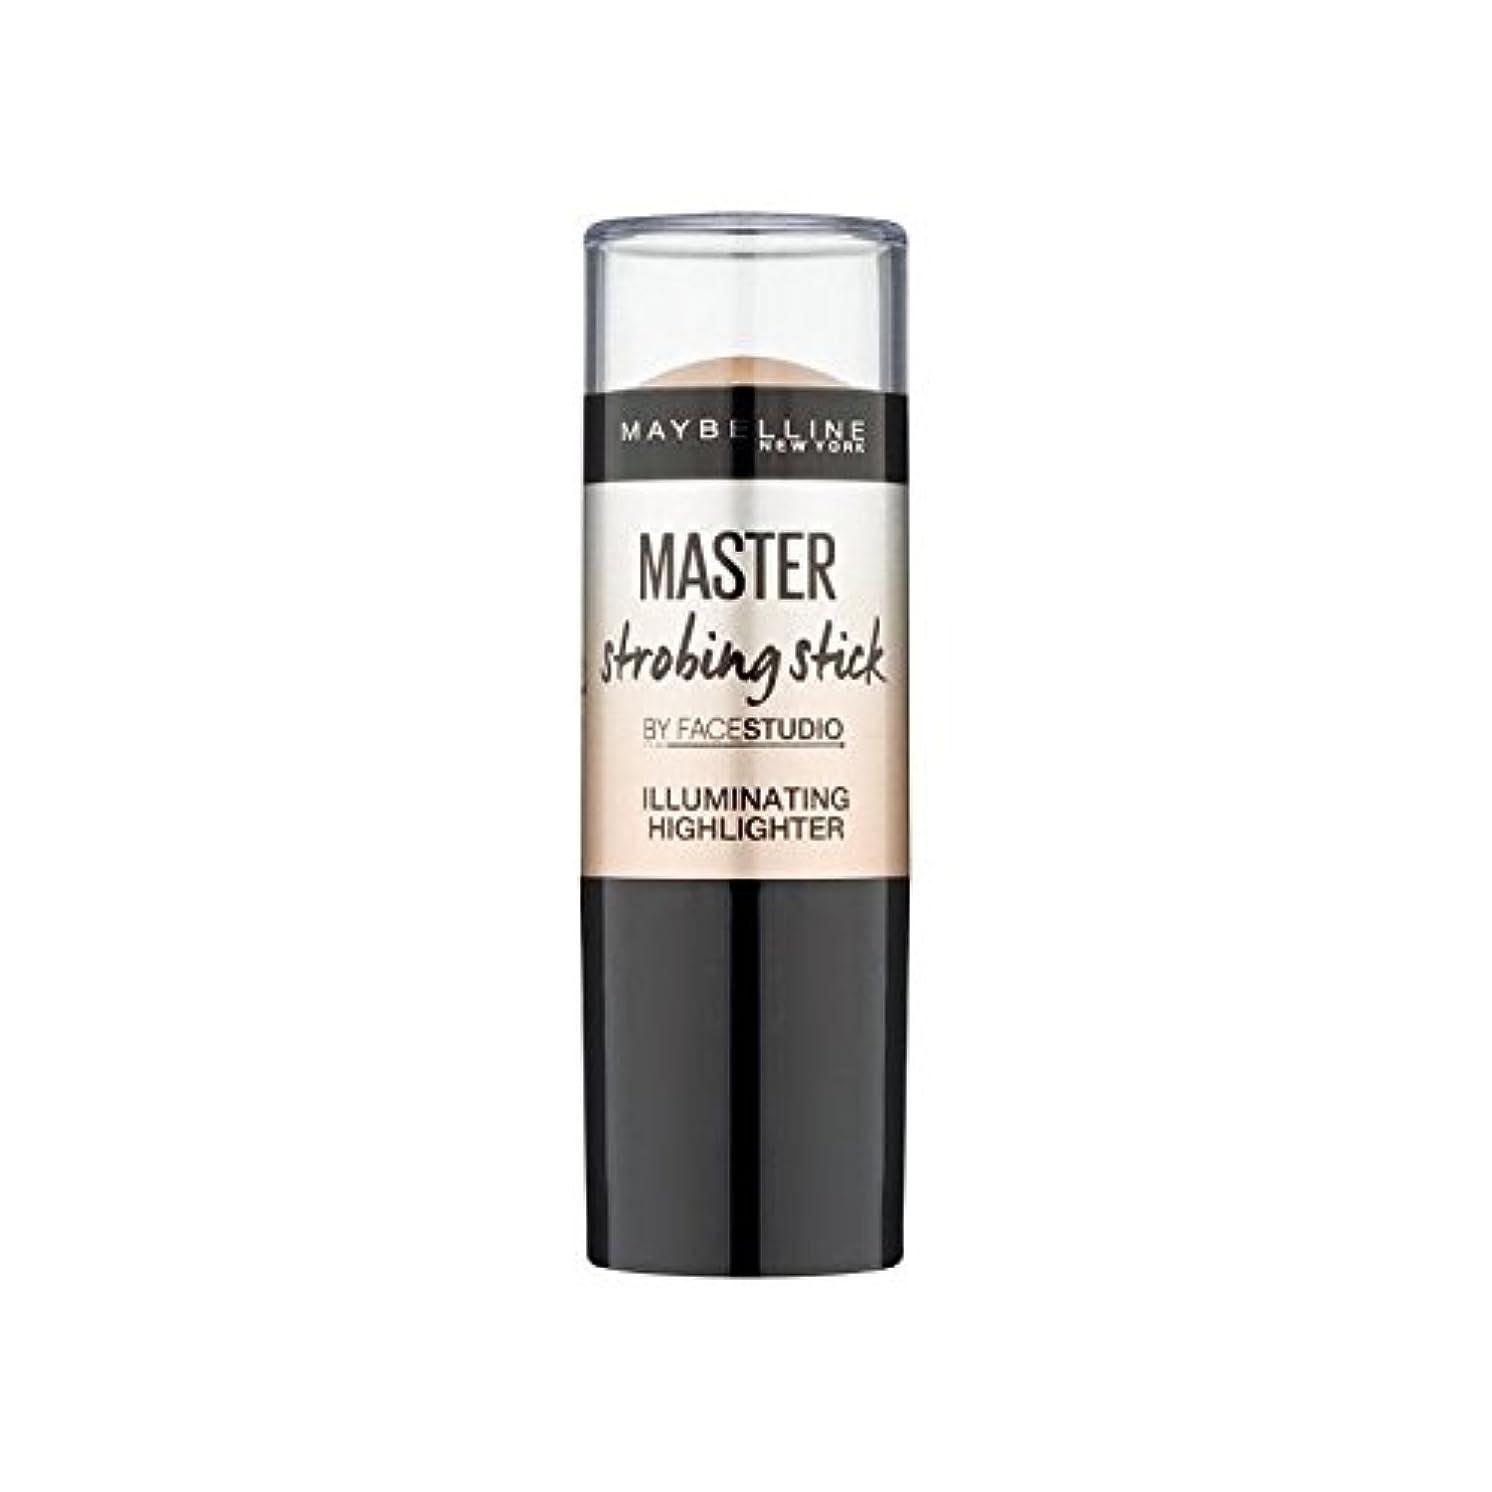 女王ほぼ練るメイベリンマスターストロボスティック媒体 x2 - Maybelline Master Strobing Stick Medium (Pack of 2) [並行輸入品]